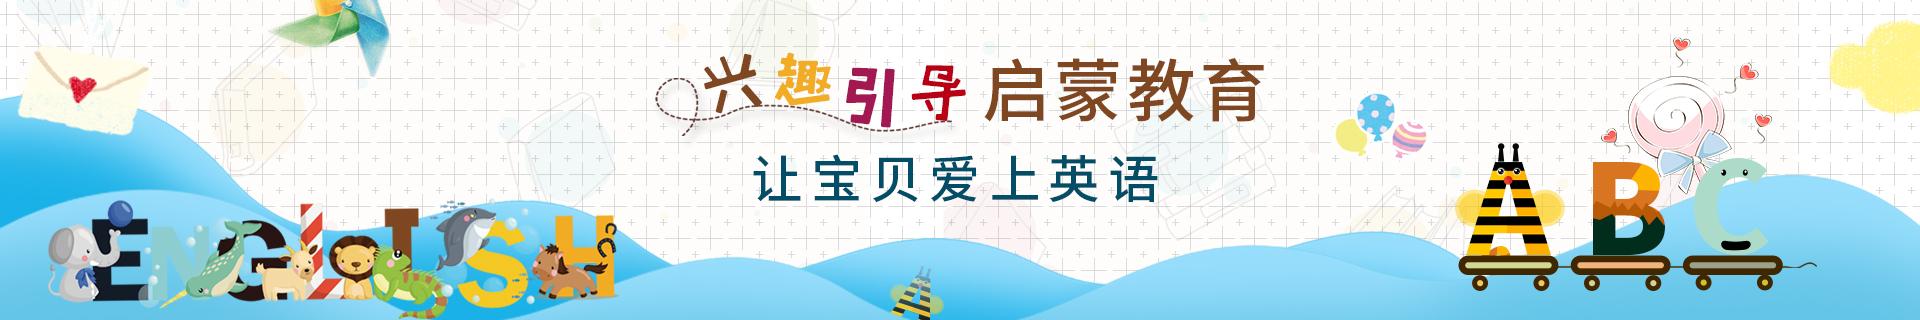 南宁青秀区东葛路i2全外教少儿英语培训